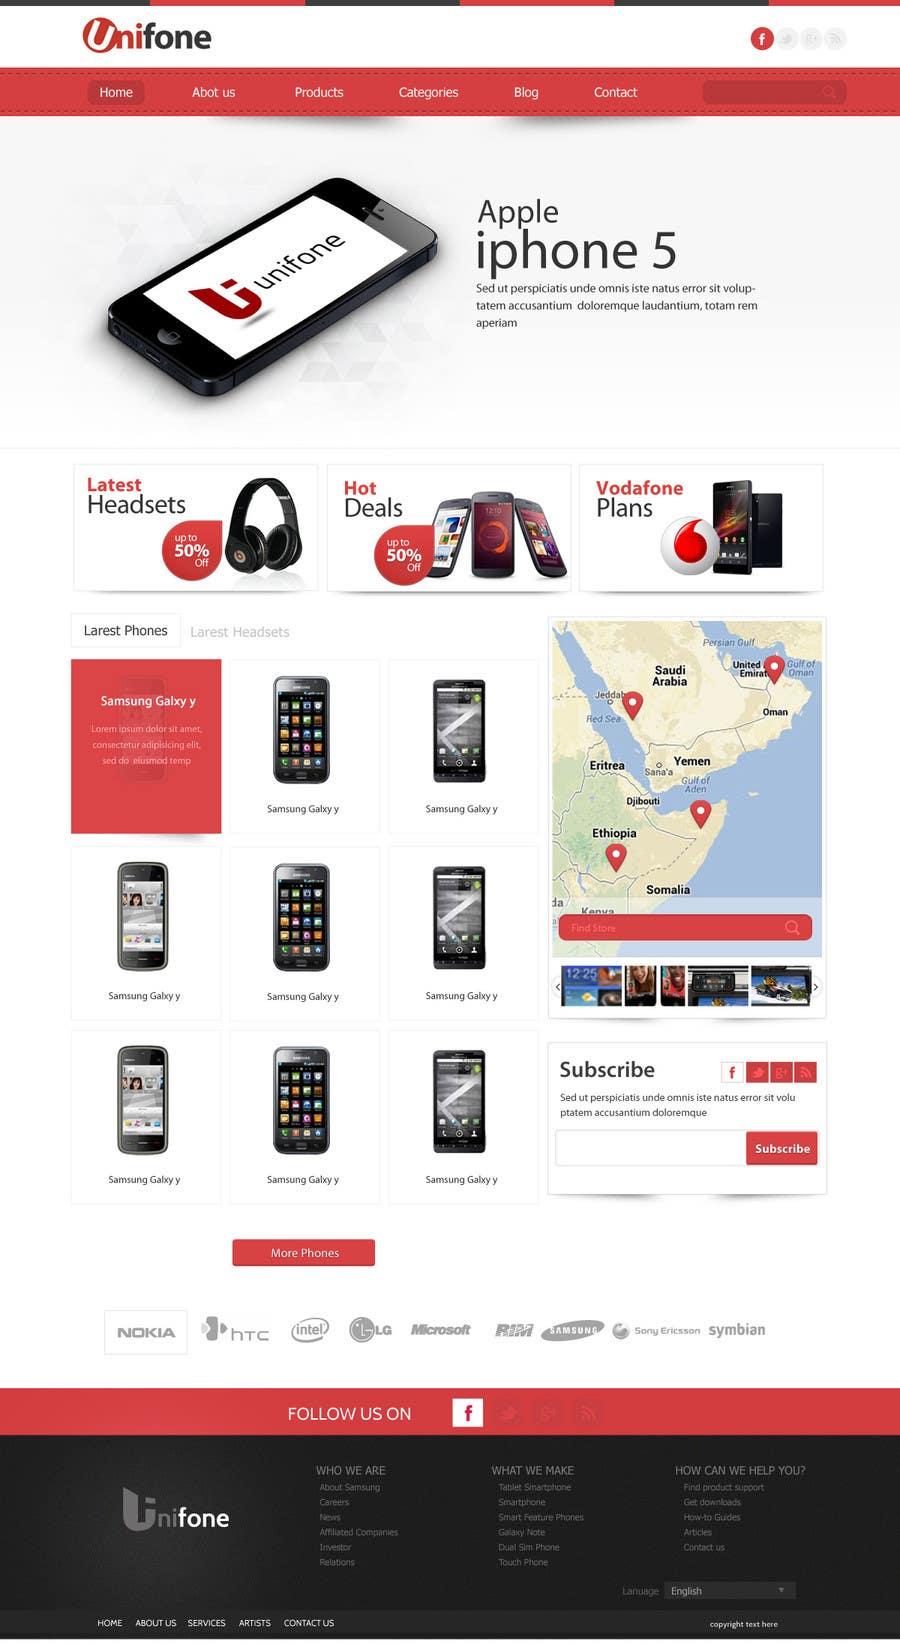 Design a strongly branded Mobile Phone Content Website için 88 numaralı Yarışma Girdisi